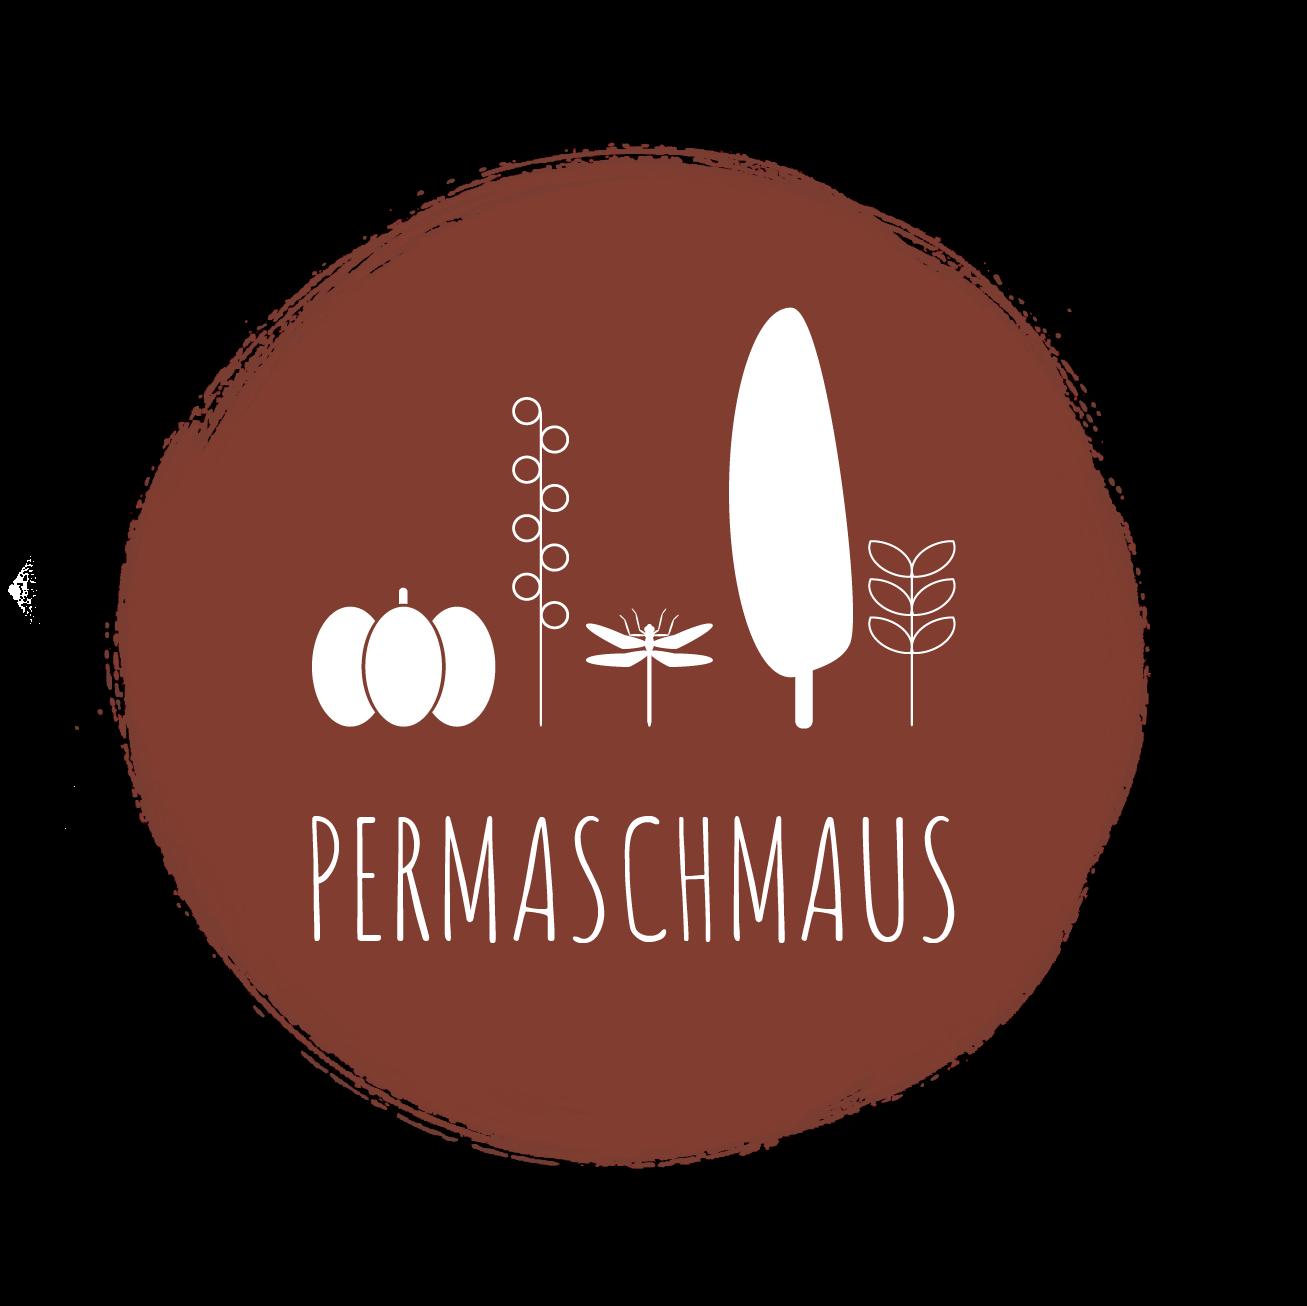 PermaSchmaus